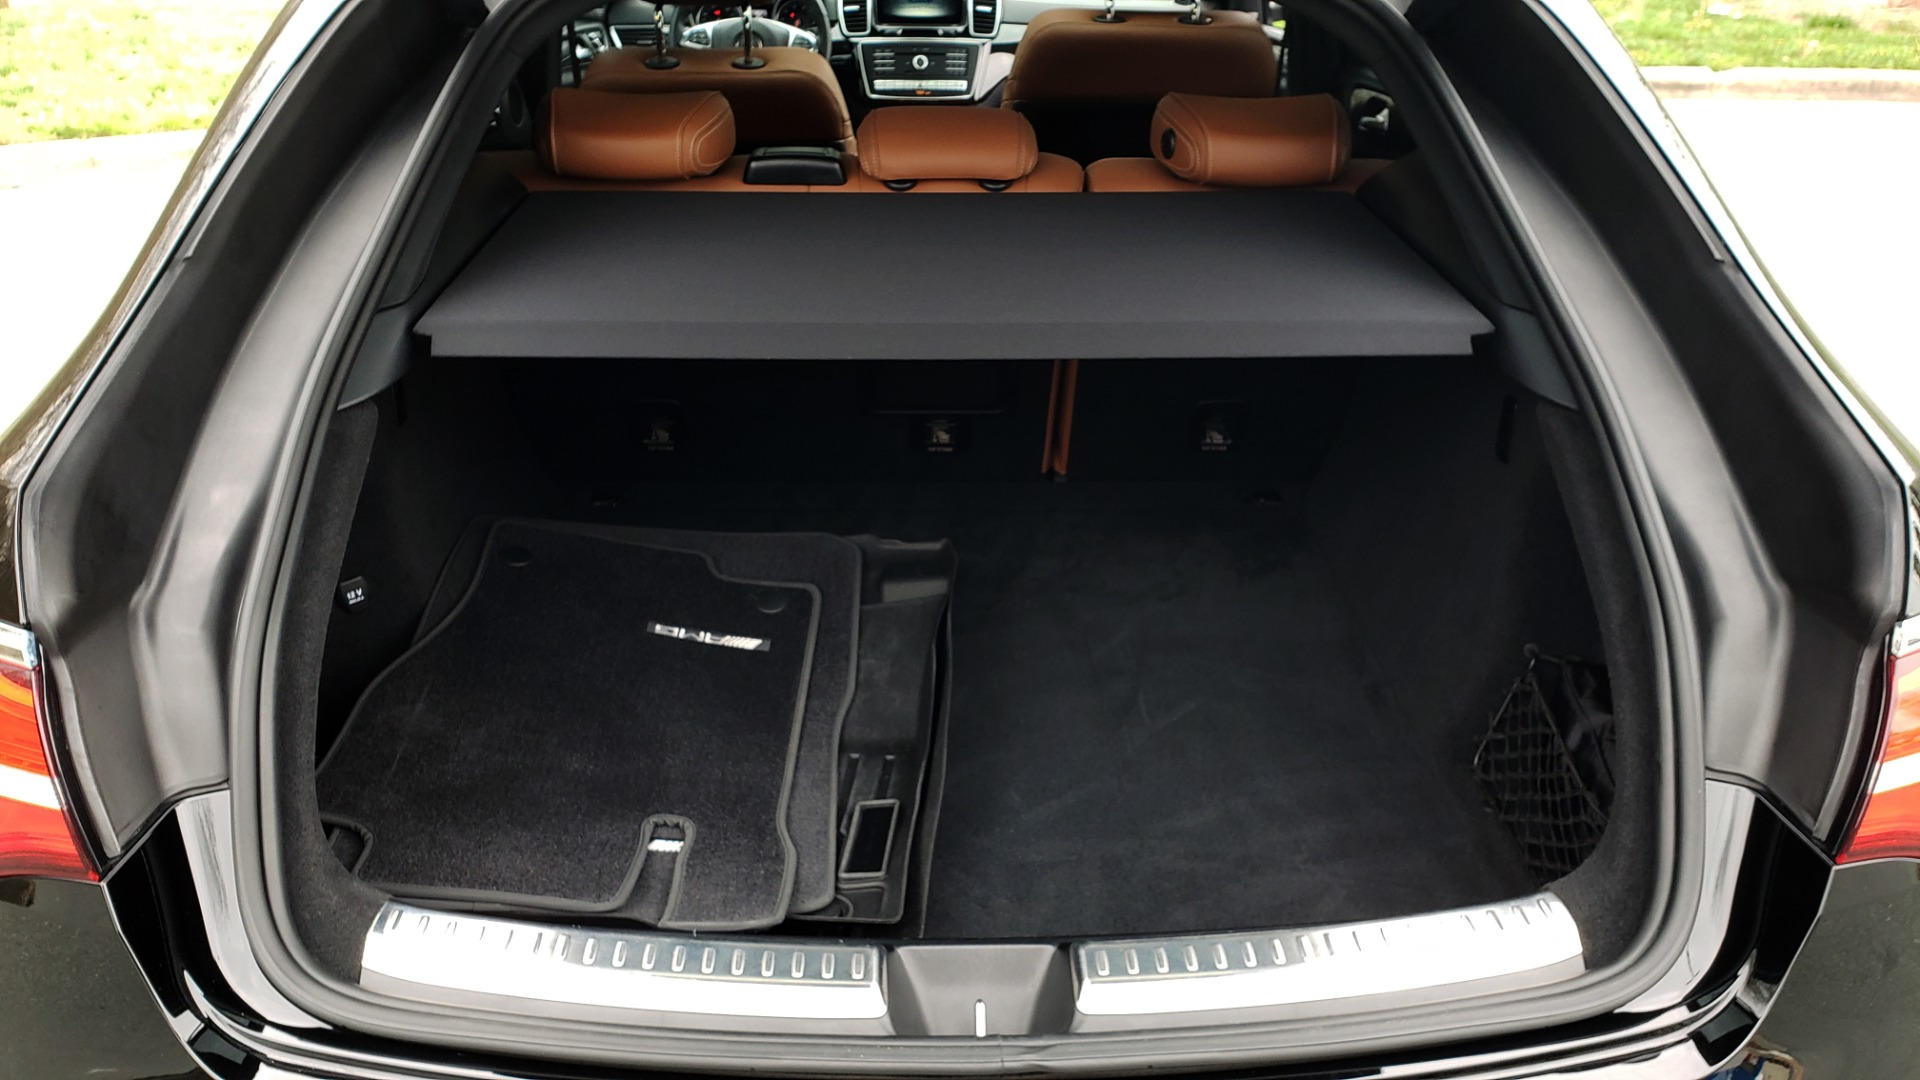 Used 2016 Mercedes-Benz GLE 450 AMG / AWD / PREM PKG / PARK ASST / DRVR ASST / SUNROOF for sale Sold at Formula Imports in Charlotte NC 28227 16